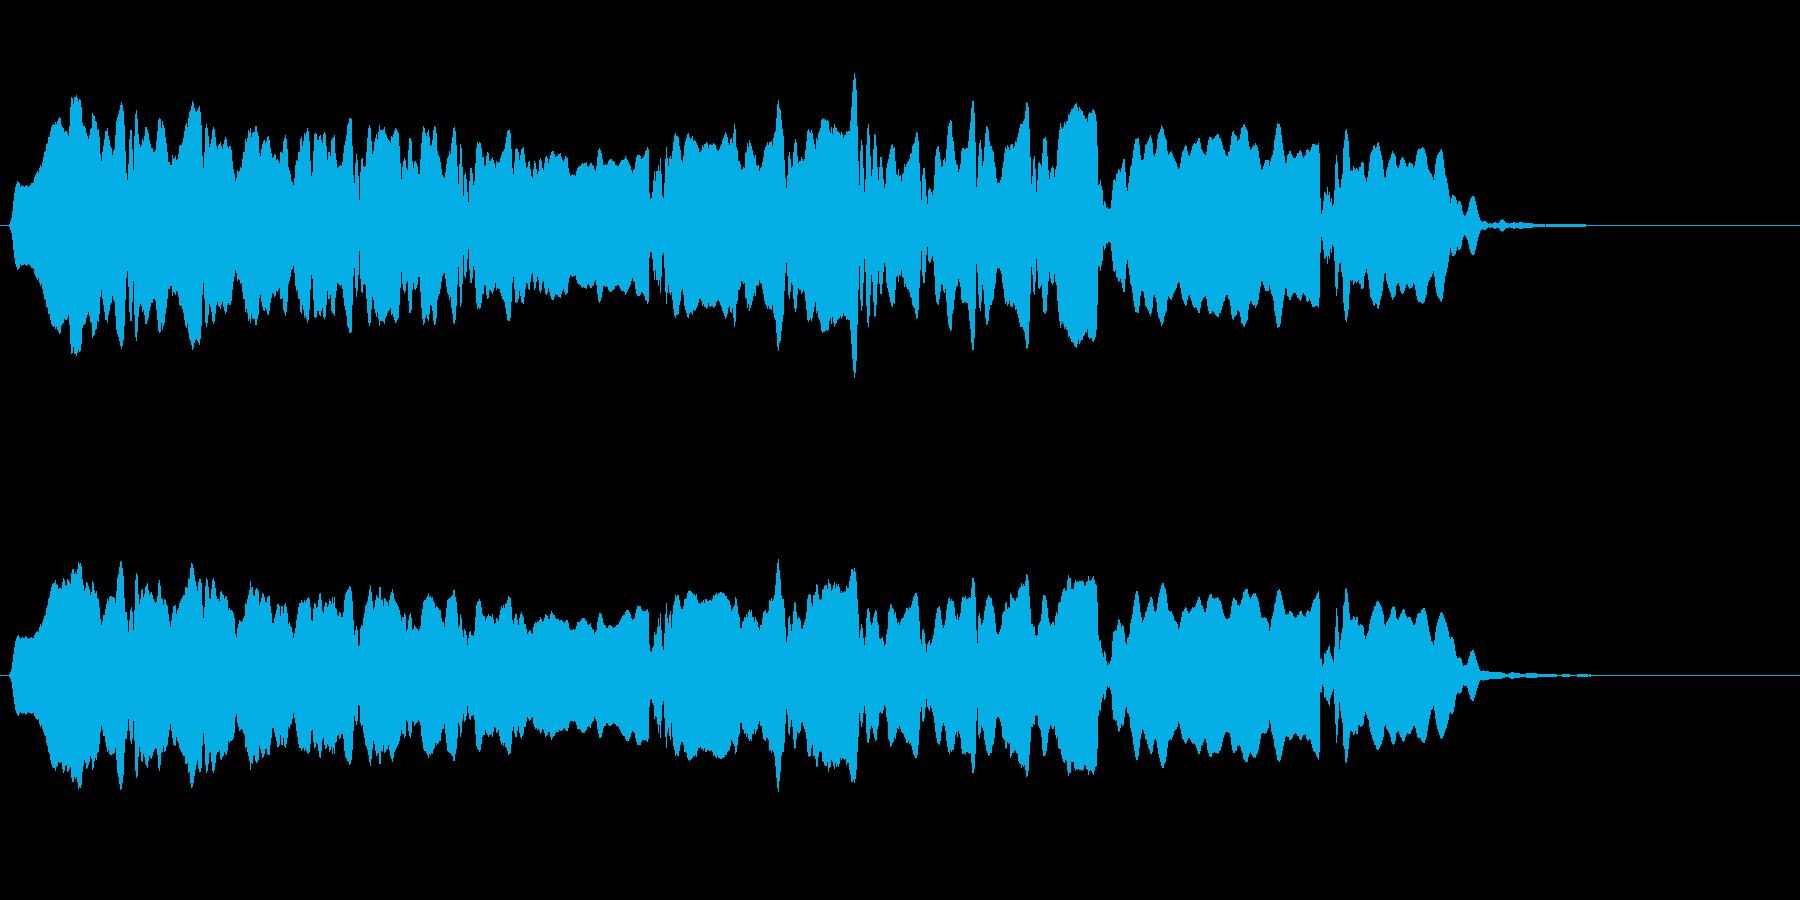 音侍SE「尺八フレーズ1」エニグマ音12の再生済みの波形